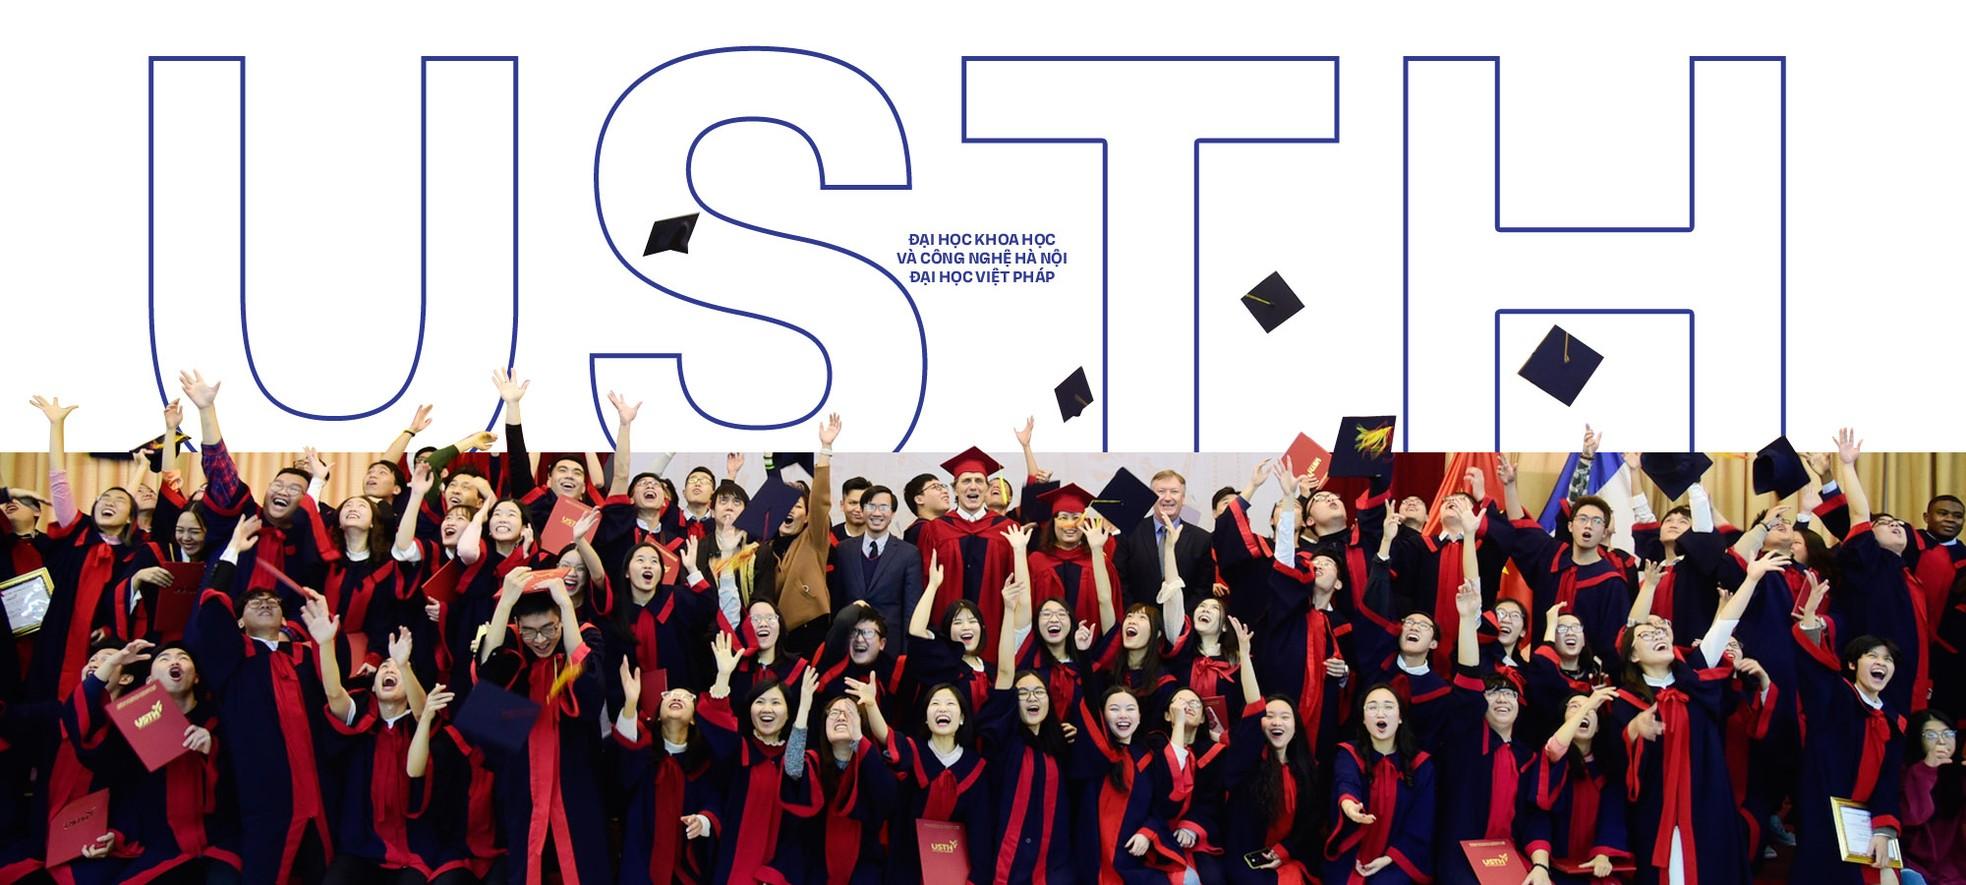 Đại học công lập quốc tế trực thuộc Viện hàn lâm dành cho học sinh yêu khoa học công nghệ ảnh 7